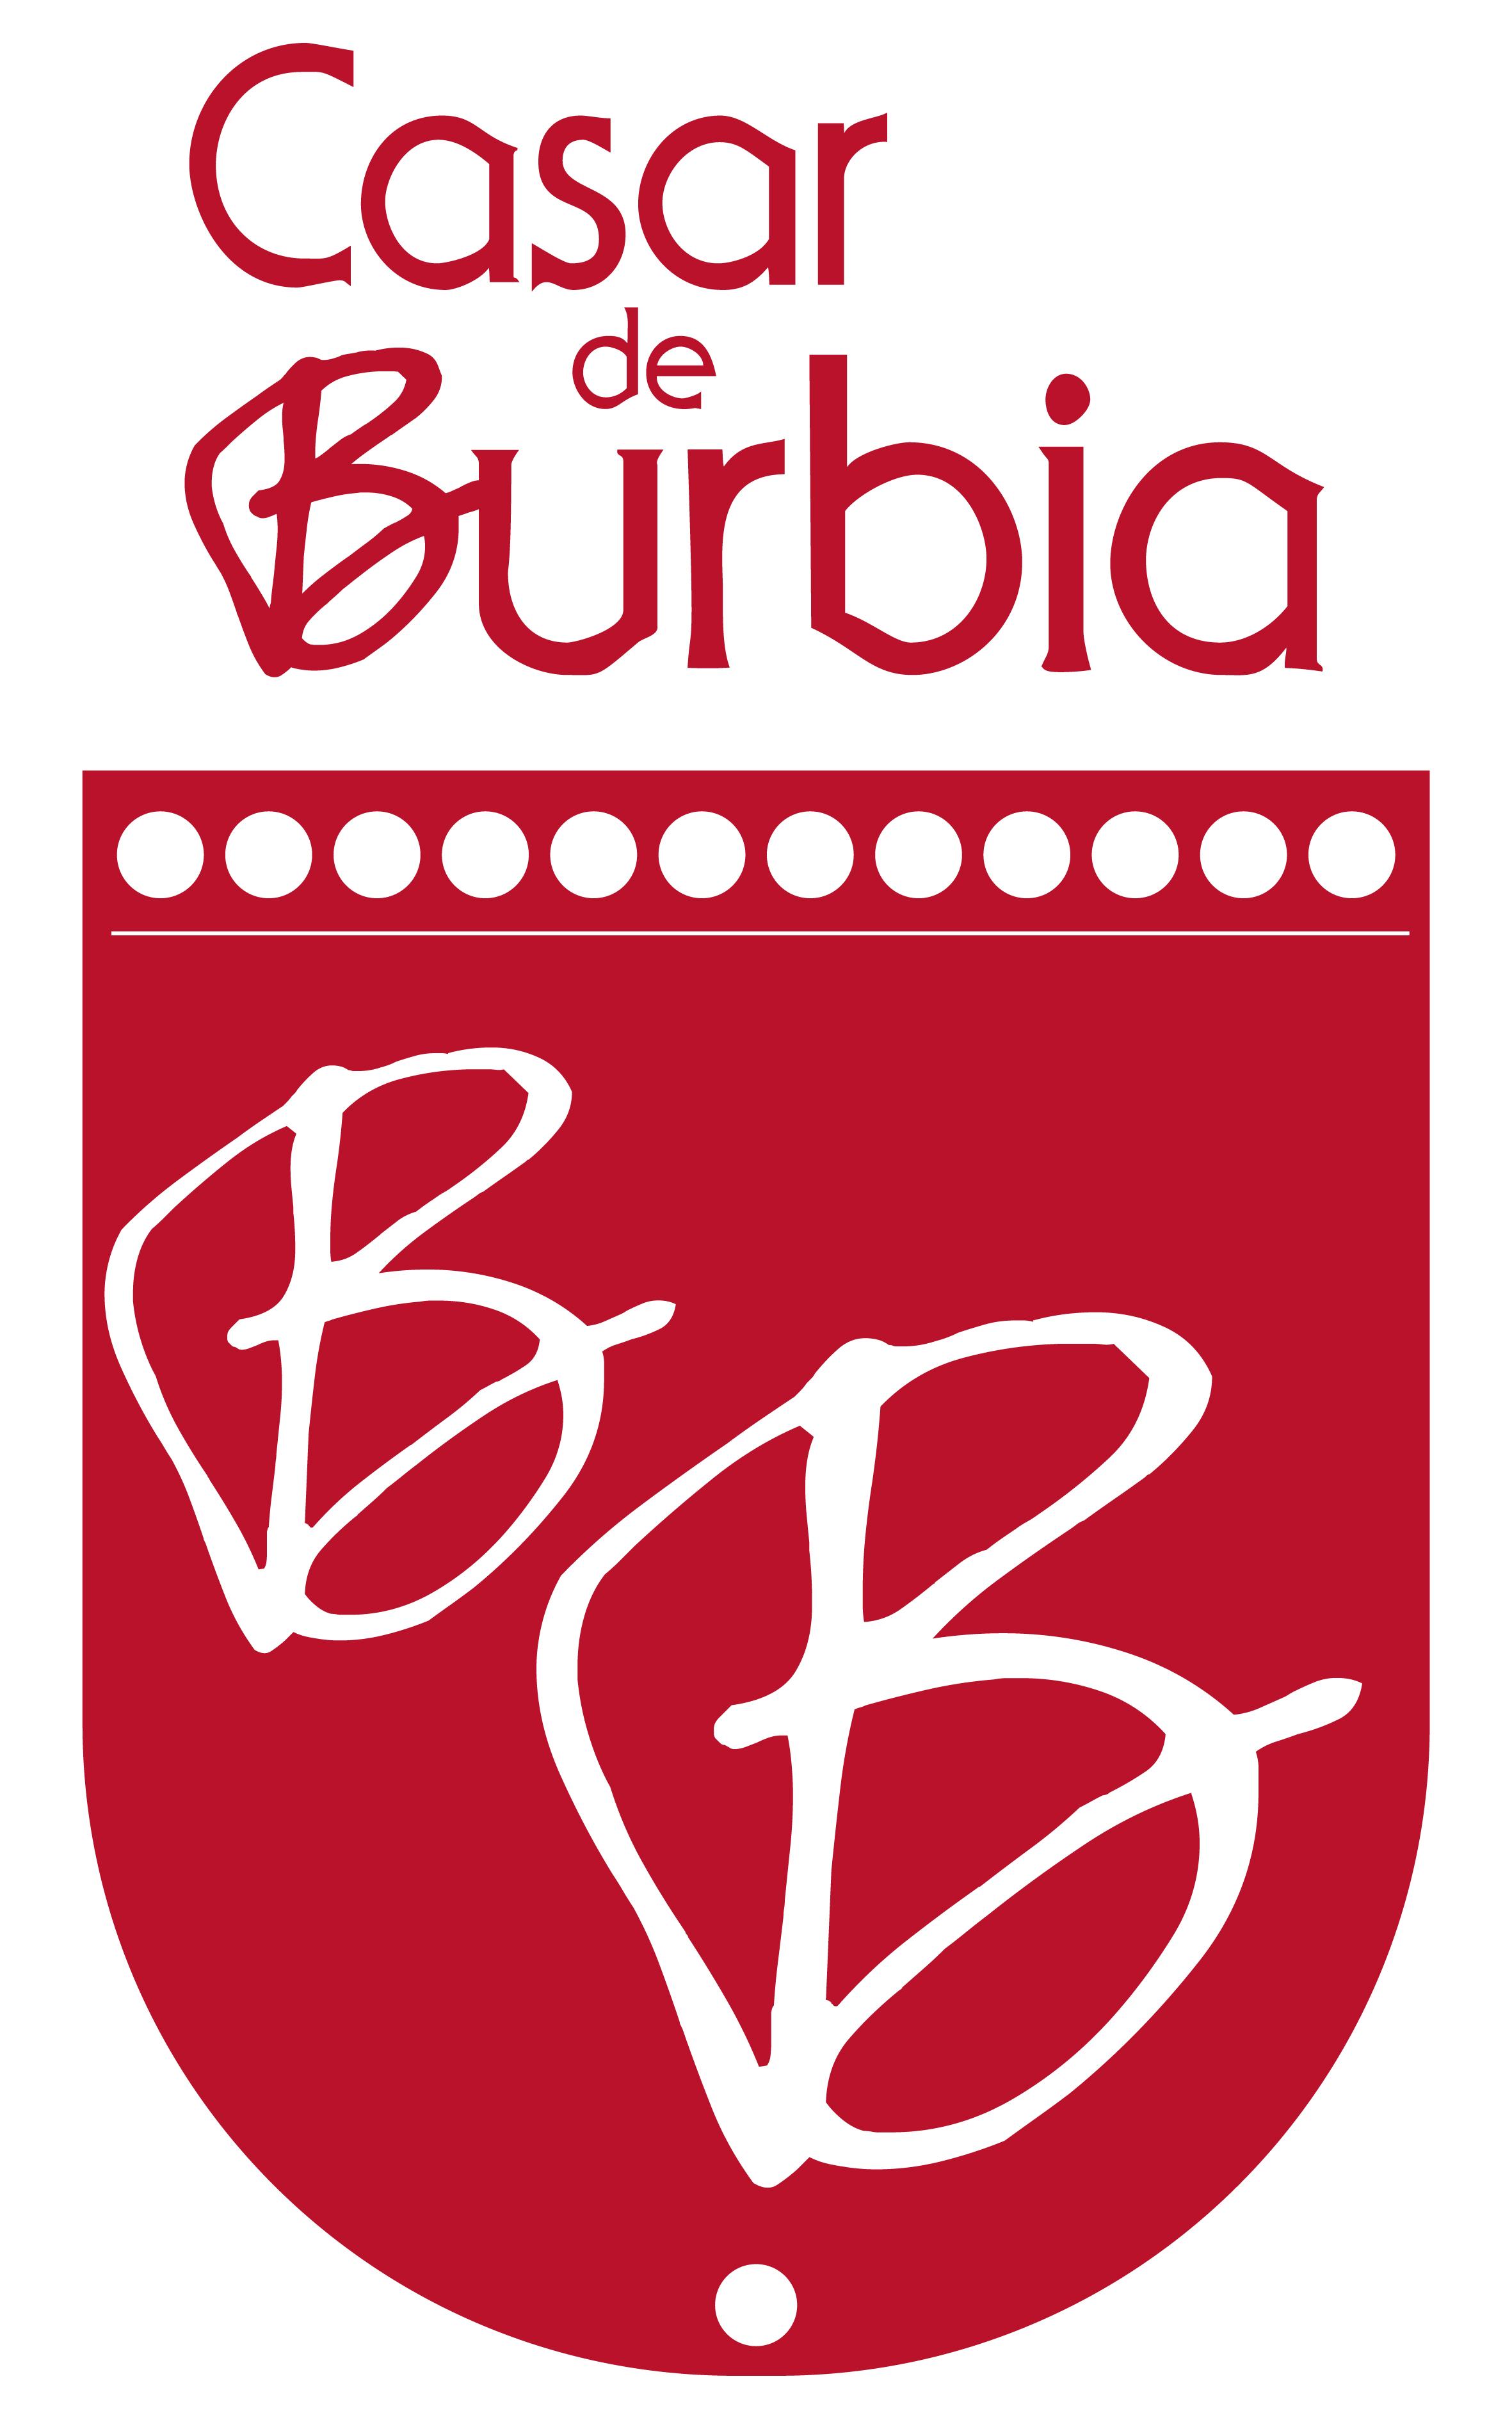 Casar de Burbia